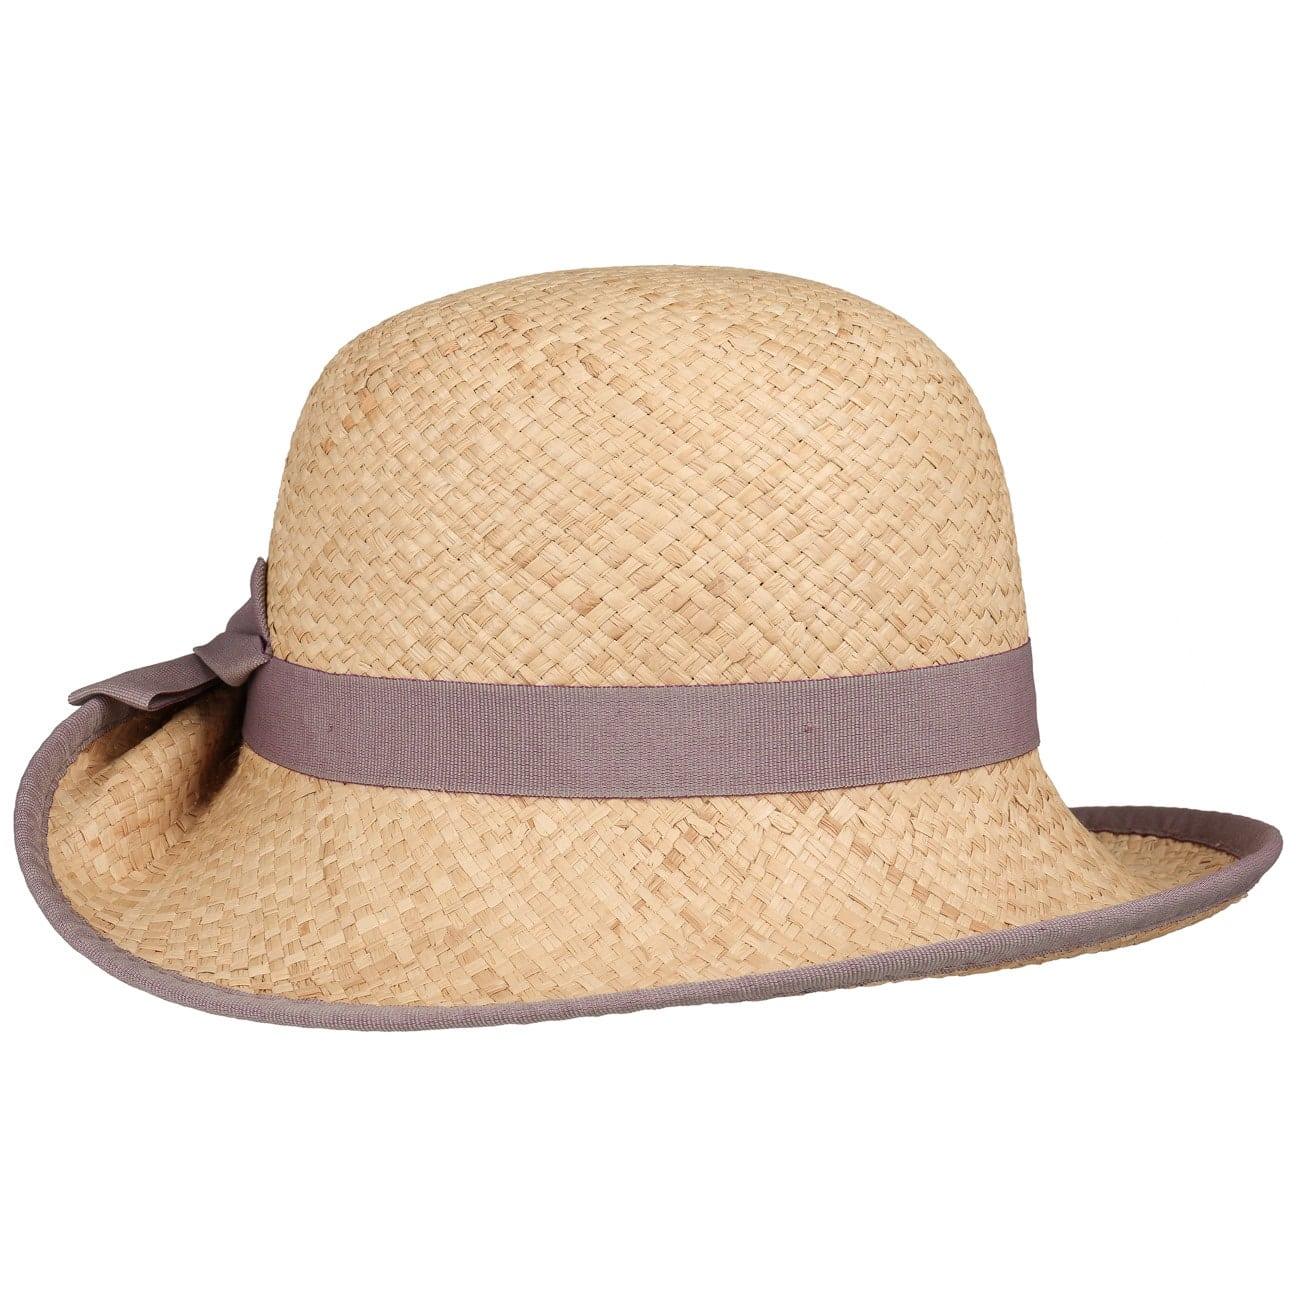 Chapeau Femme Fanamia Raphia by bedacht  chapeau pour femme